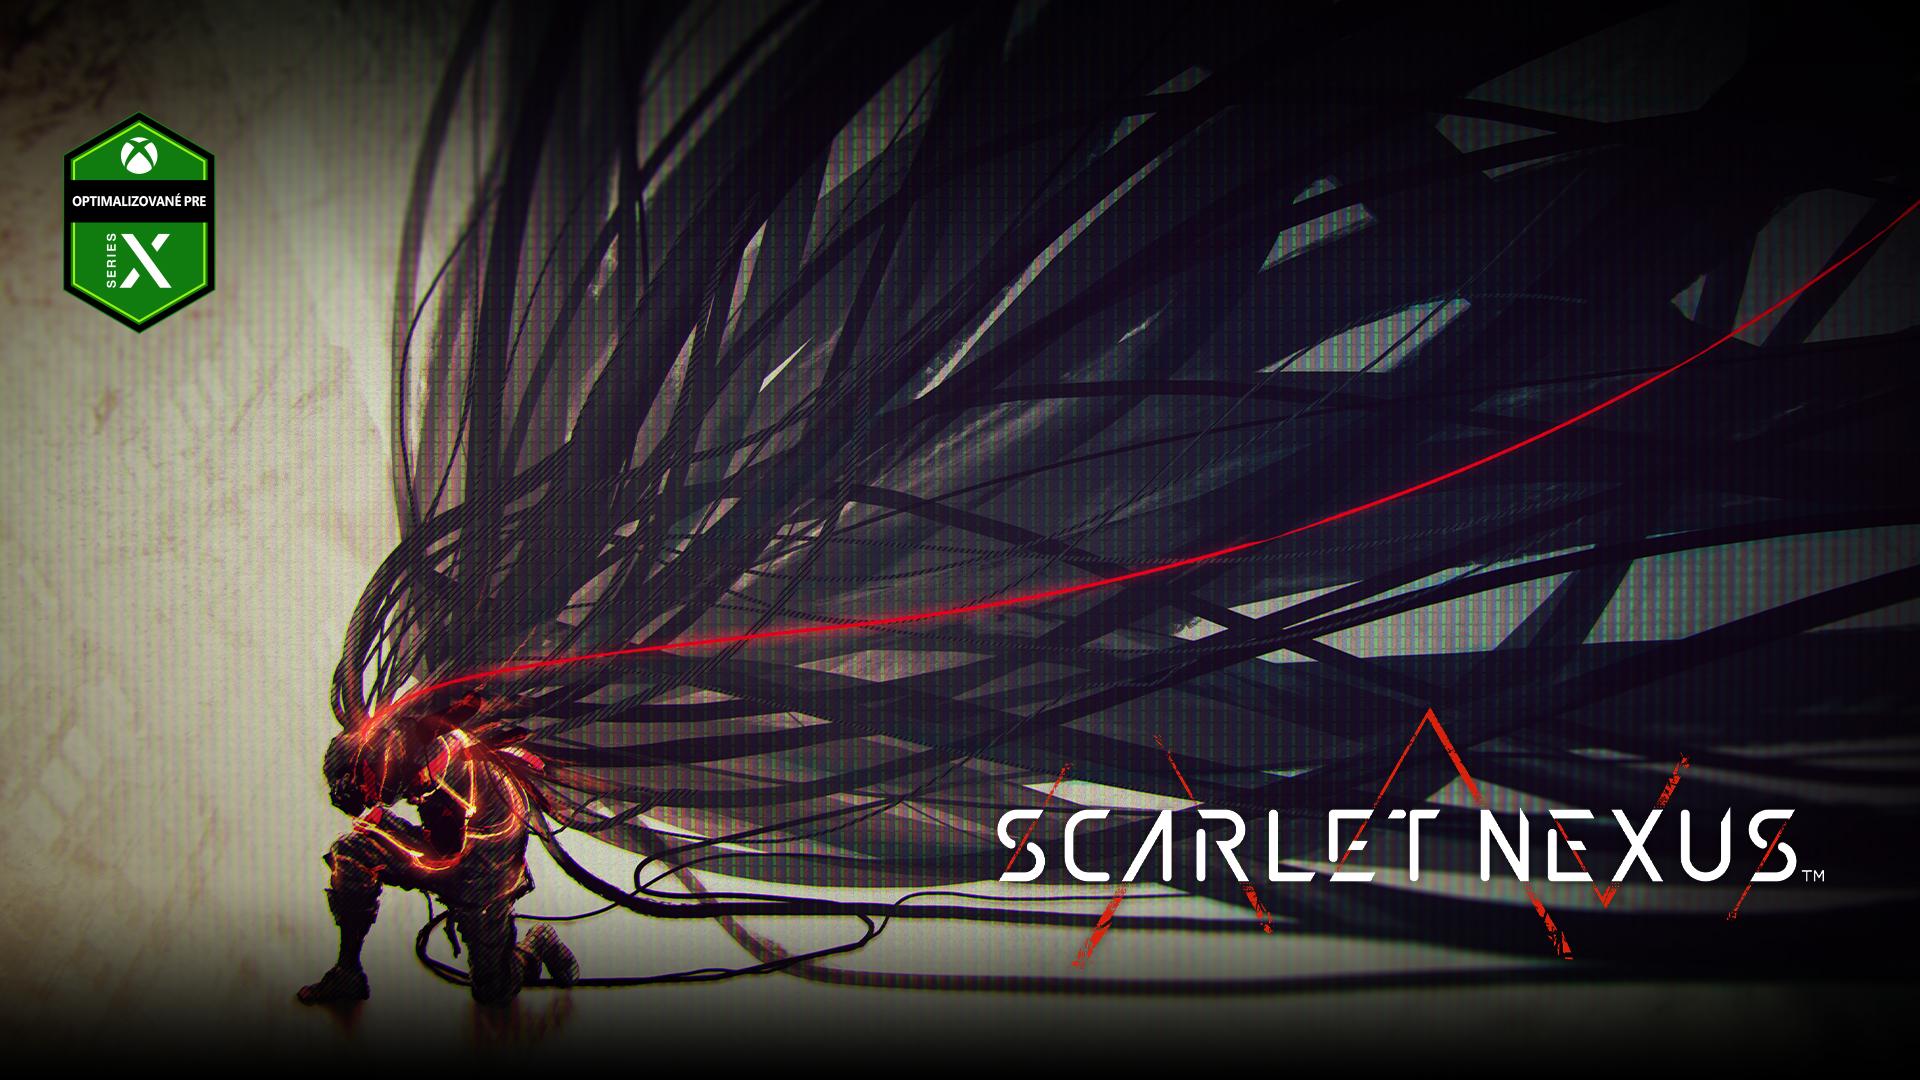 Scarlet Nexus, optimalizované pre Xbox Series X, Muž kľačí s dlhými vlasovými prameňmi, ktoré z neho prúdia